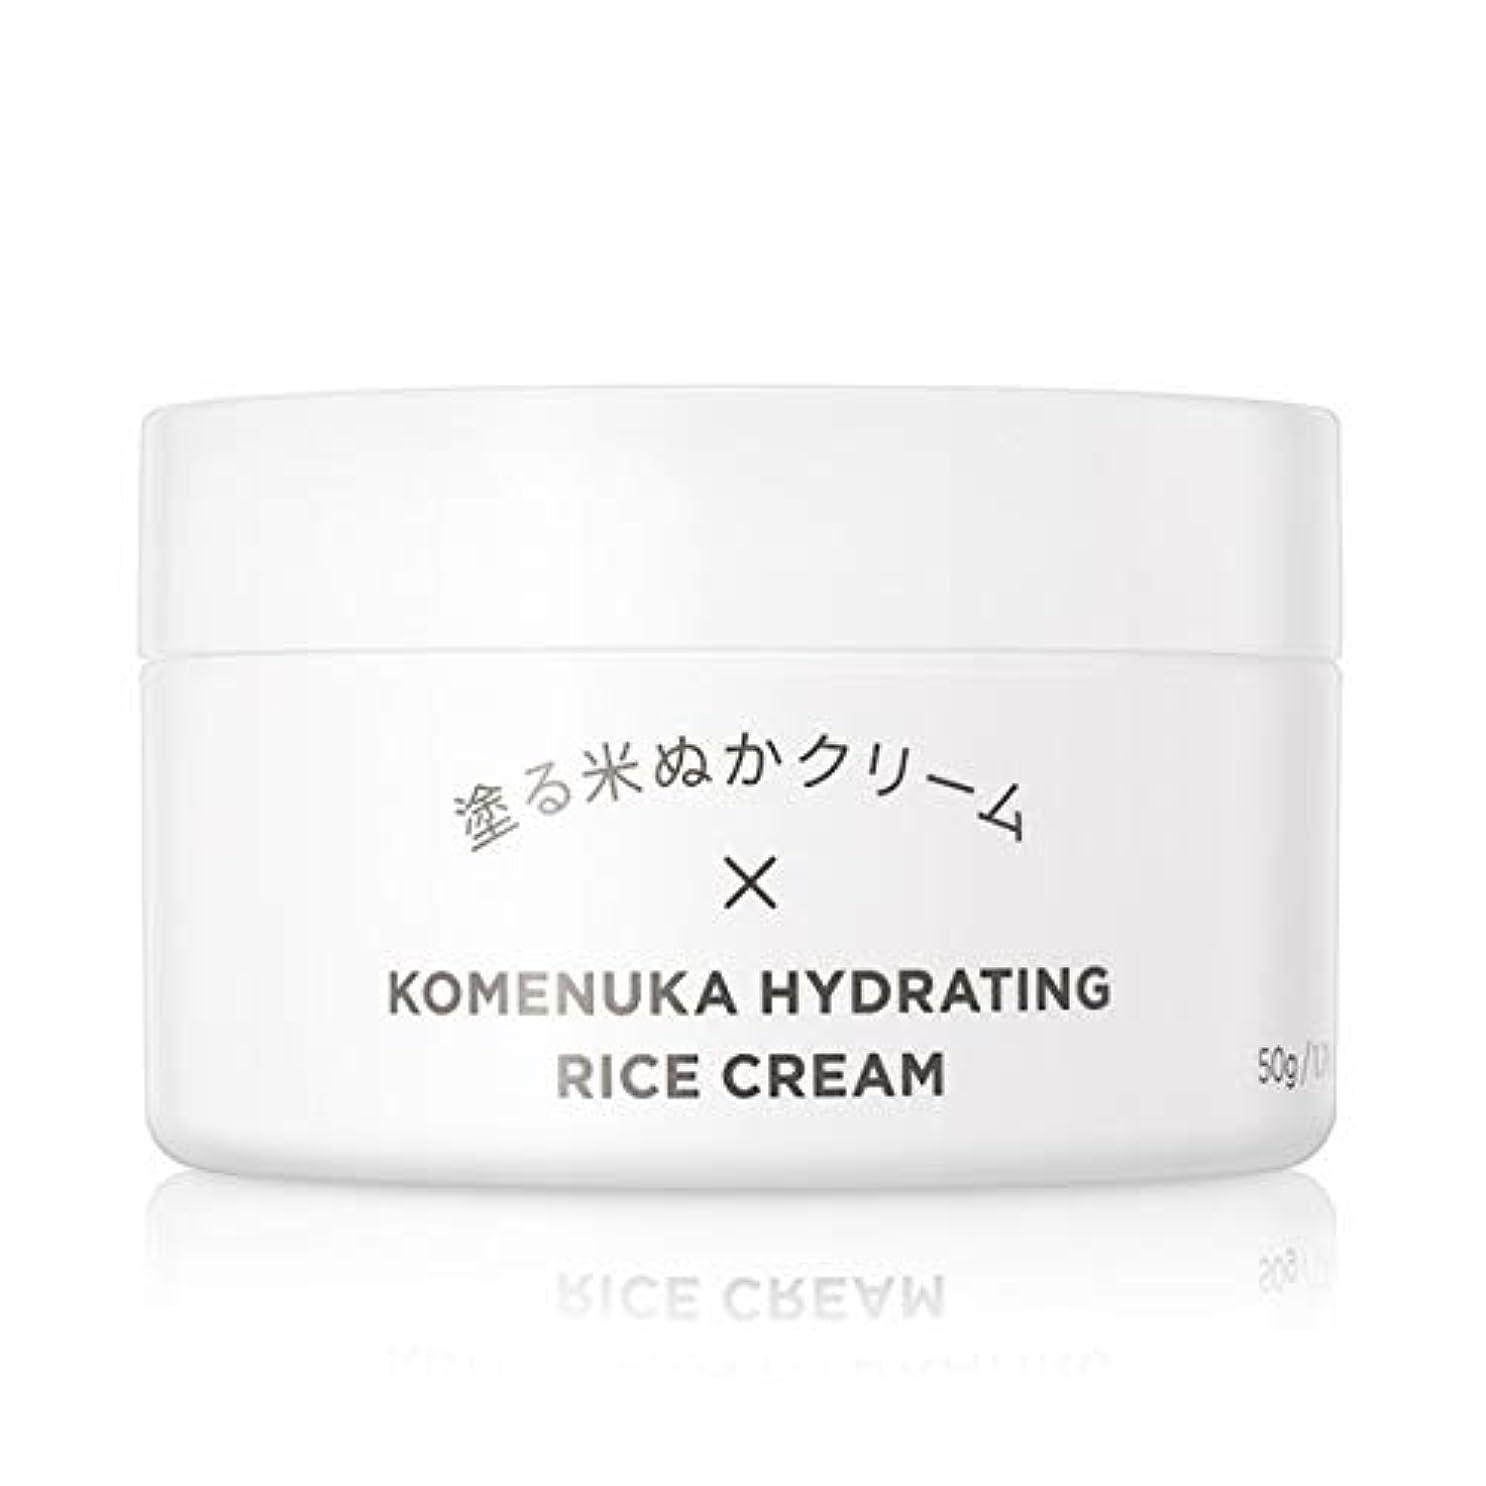 貴重な想像力私の米一途 塗る米ぬかクリーム スキンケア 無添加 クリーム 50g